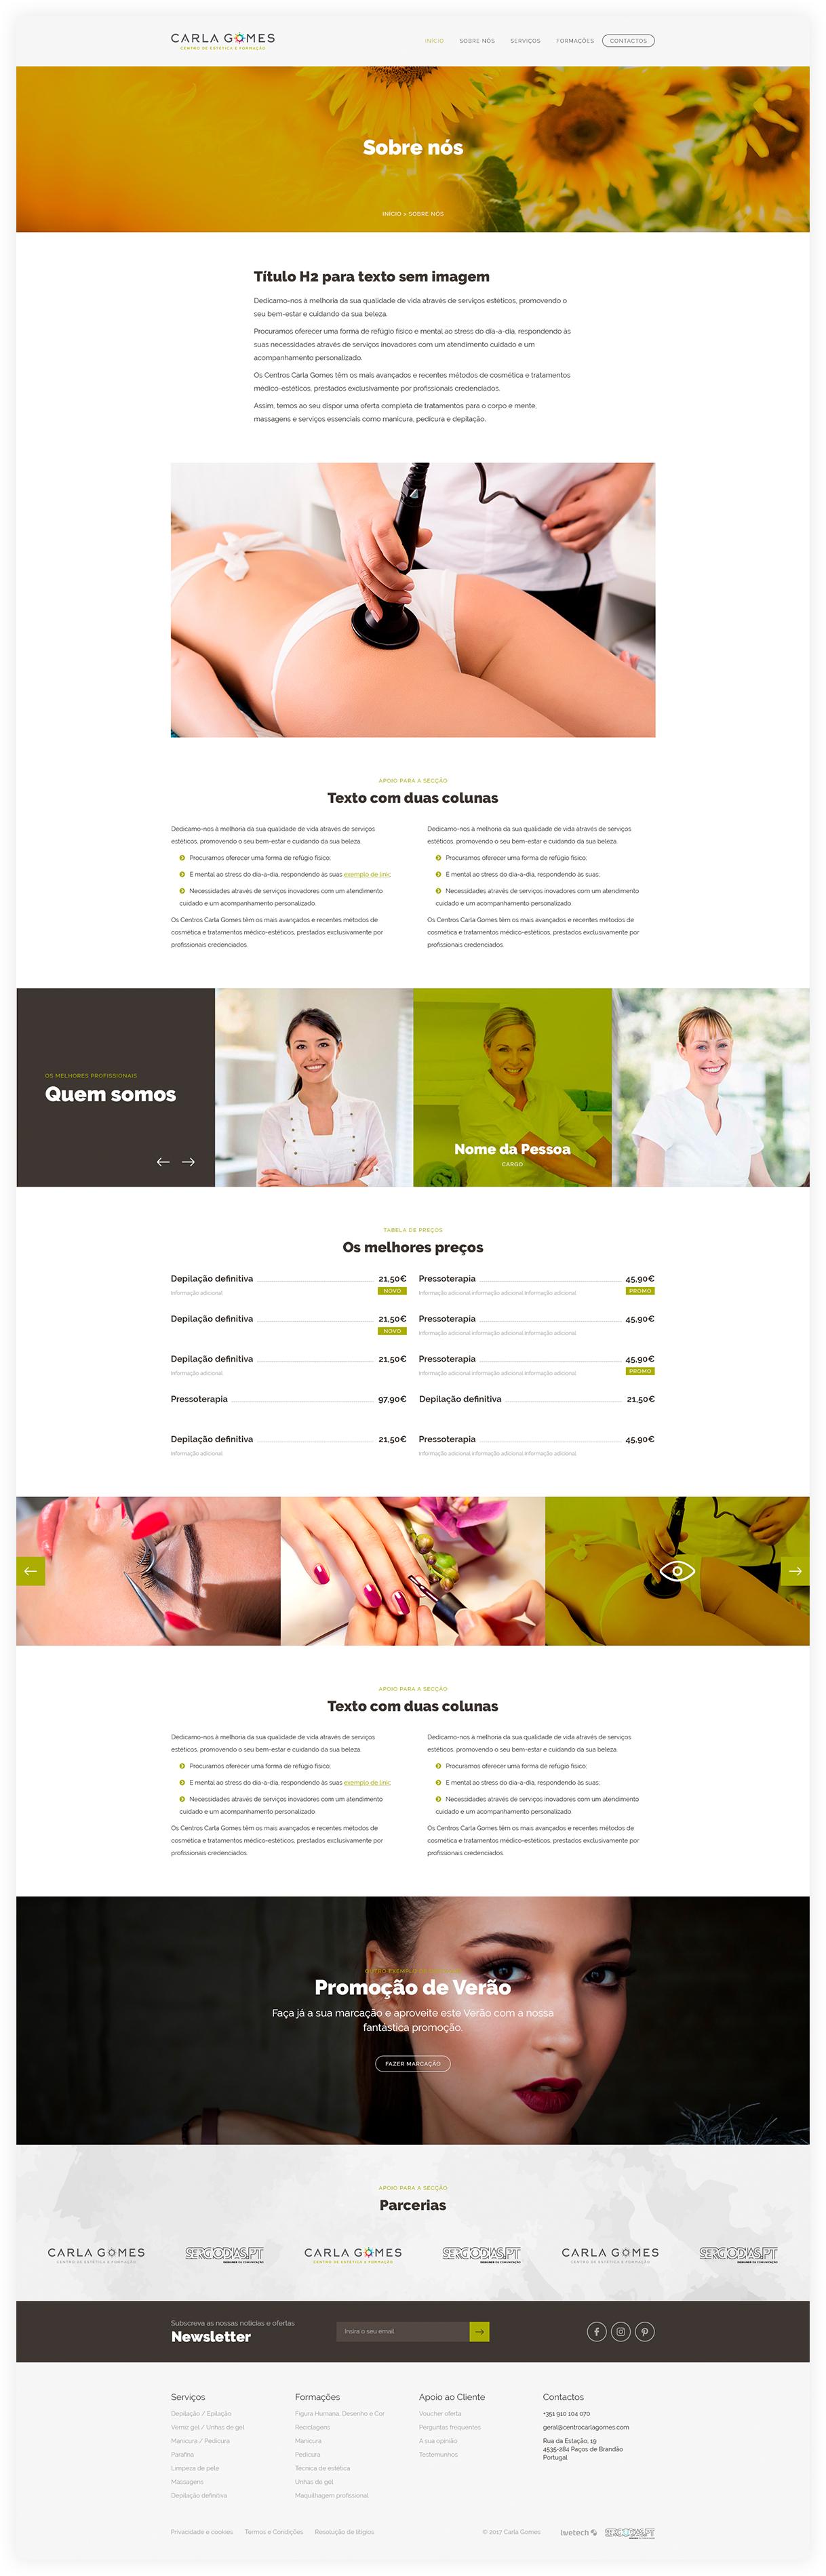 Empresa de Websites em Santa Maria da Feira